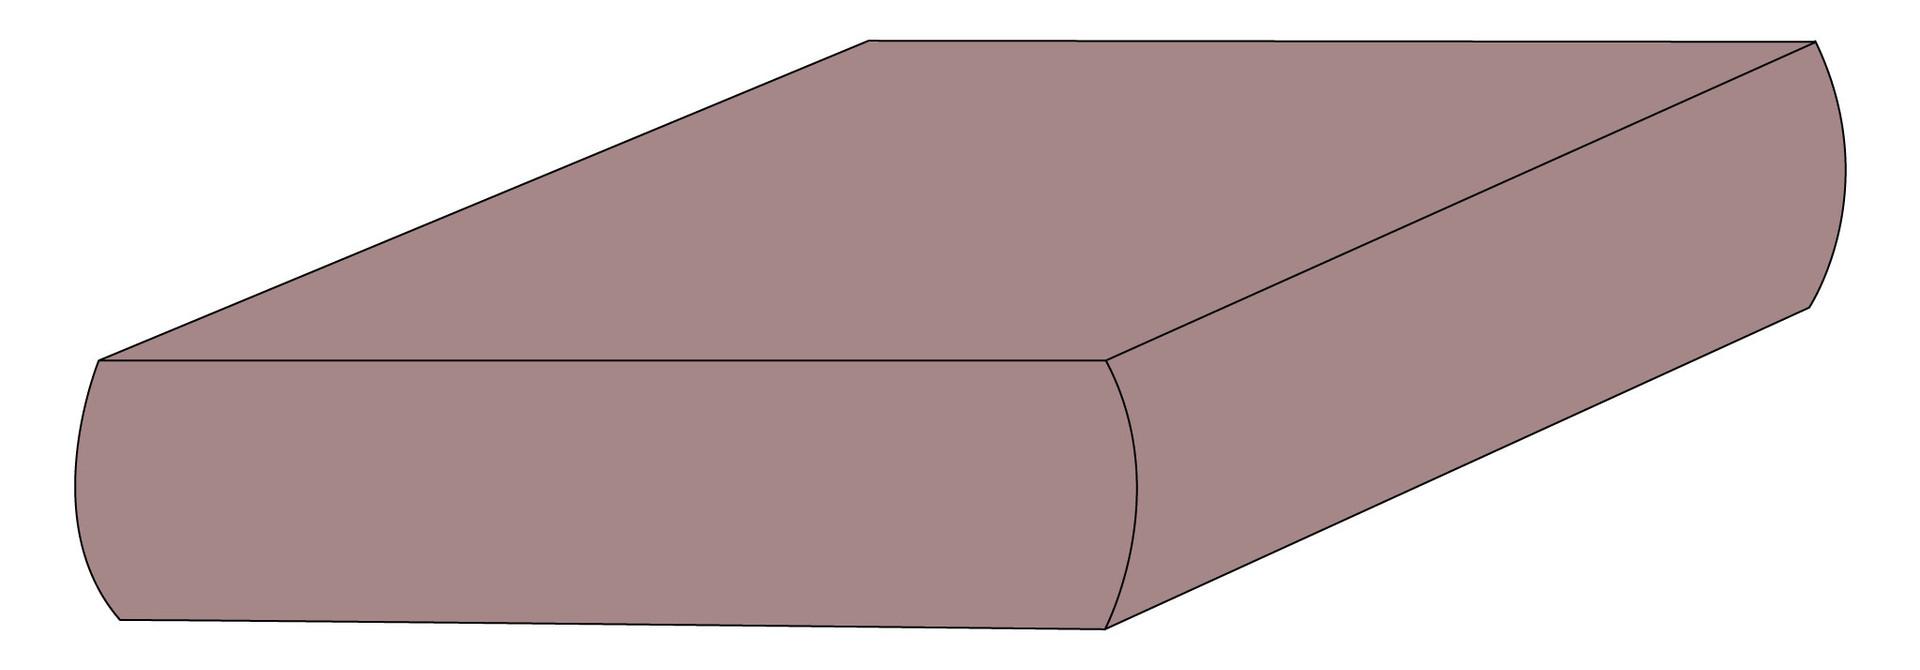 Drap plat coton - Prune